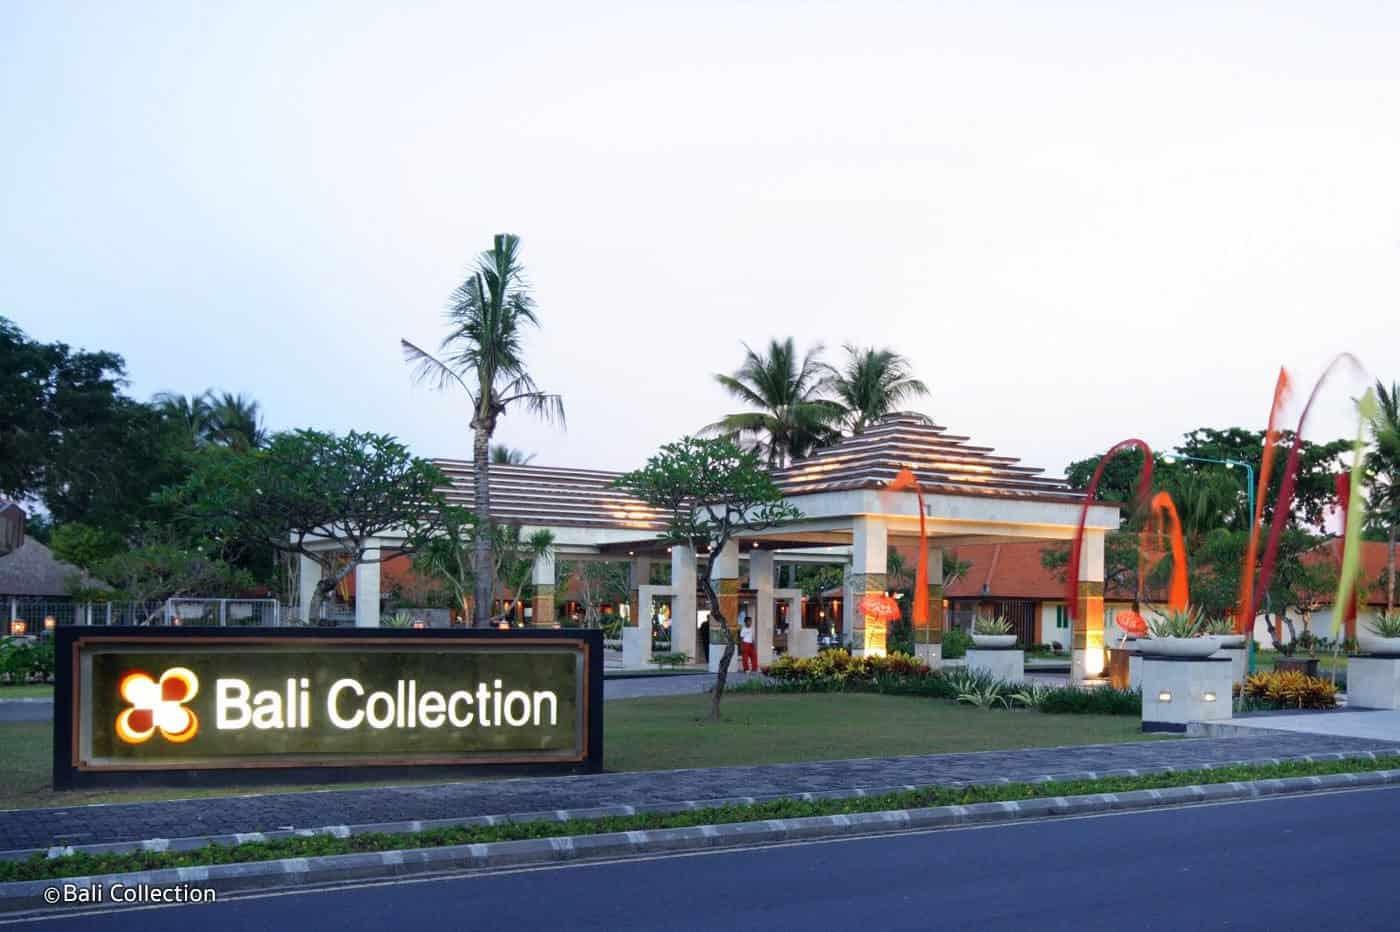 زيارة بالي كوليكشن – جزيرة بالي